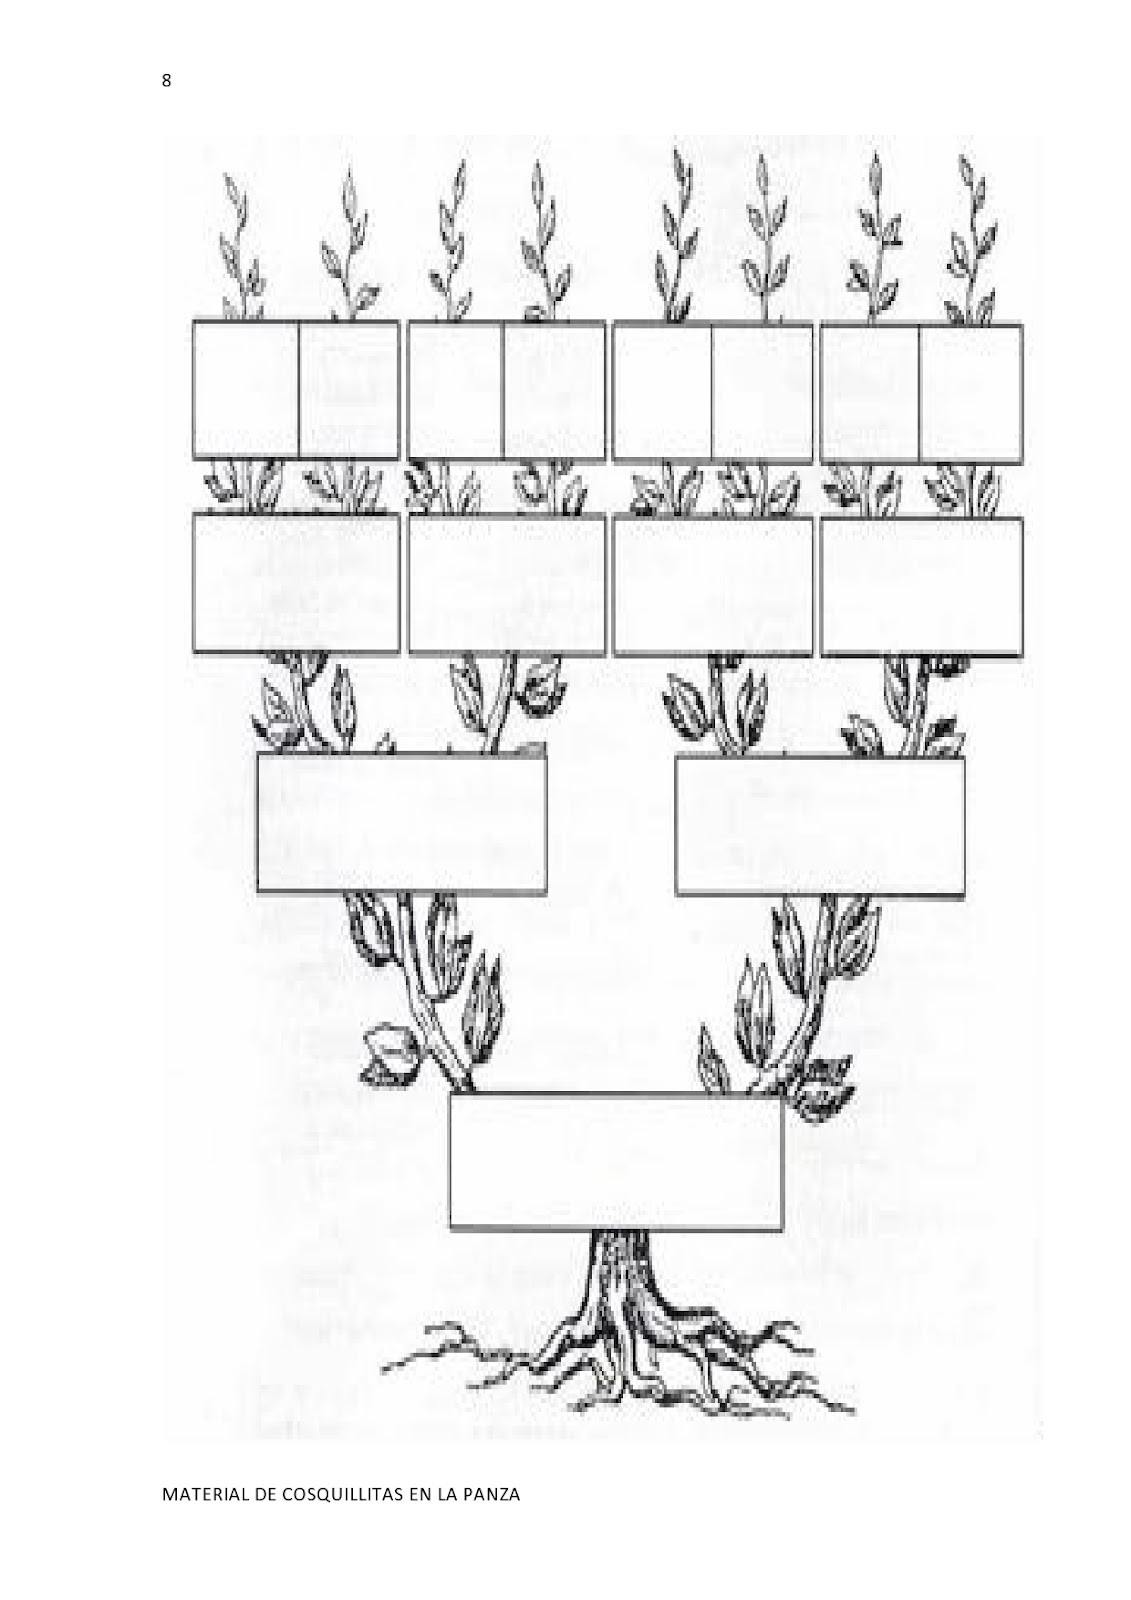 Mi Arbol Genealogico Para Pintar Imagui